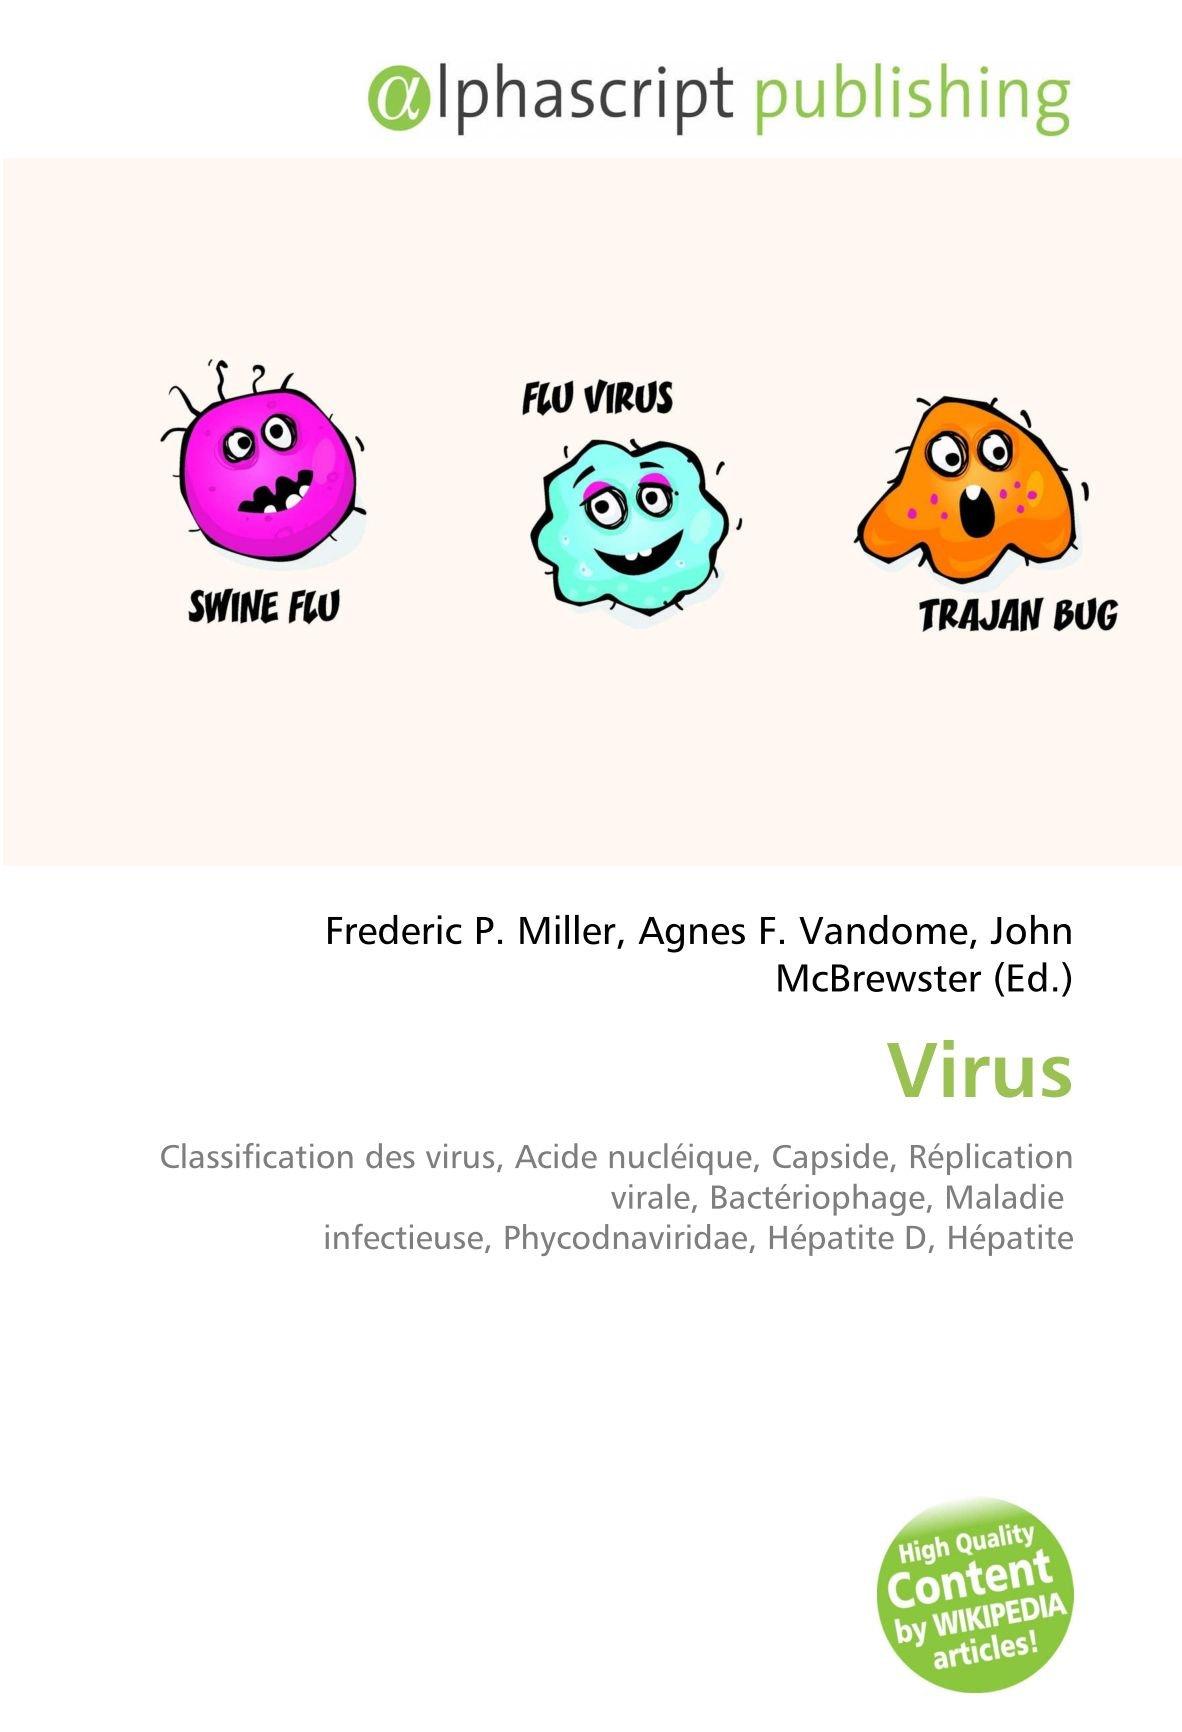 Virus: Classification des virus, Acide nucléique, Capside, Réplication virale, Bactériophage, Maladie infectieuse, Phycodnaviridae, Hépatite D, Hépatite: Amazon.es: Miller, Frederic P., Vandome, Agnes F., McBrewster, John: Libros en idiomas extranjeros